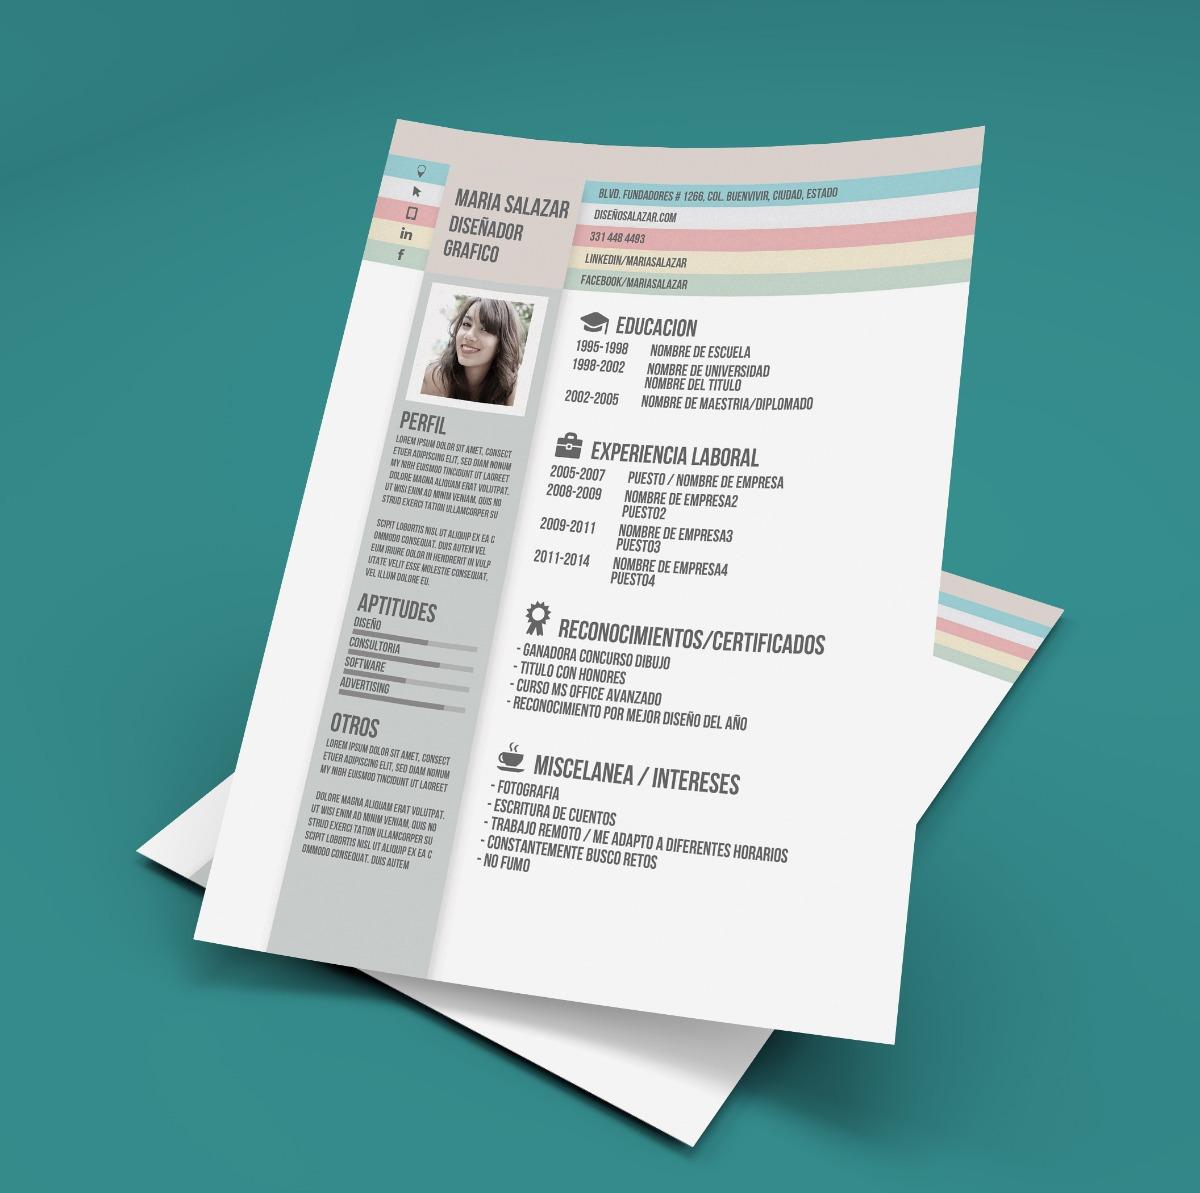 Cv Curriculum Vitae Creativo Y Profesional Incluye Redaccion ...